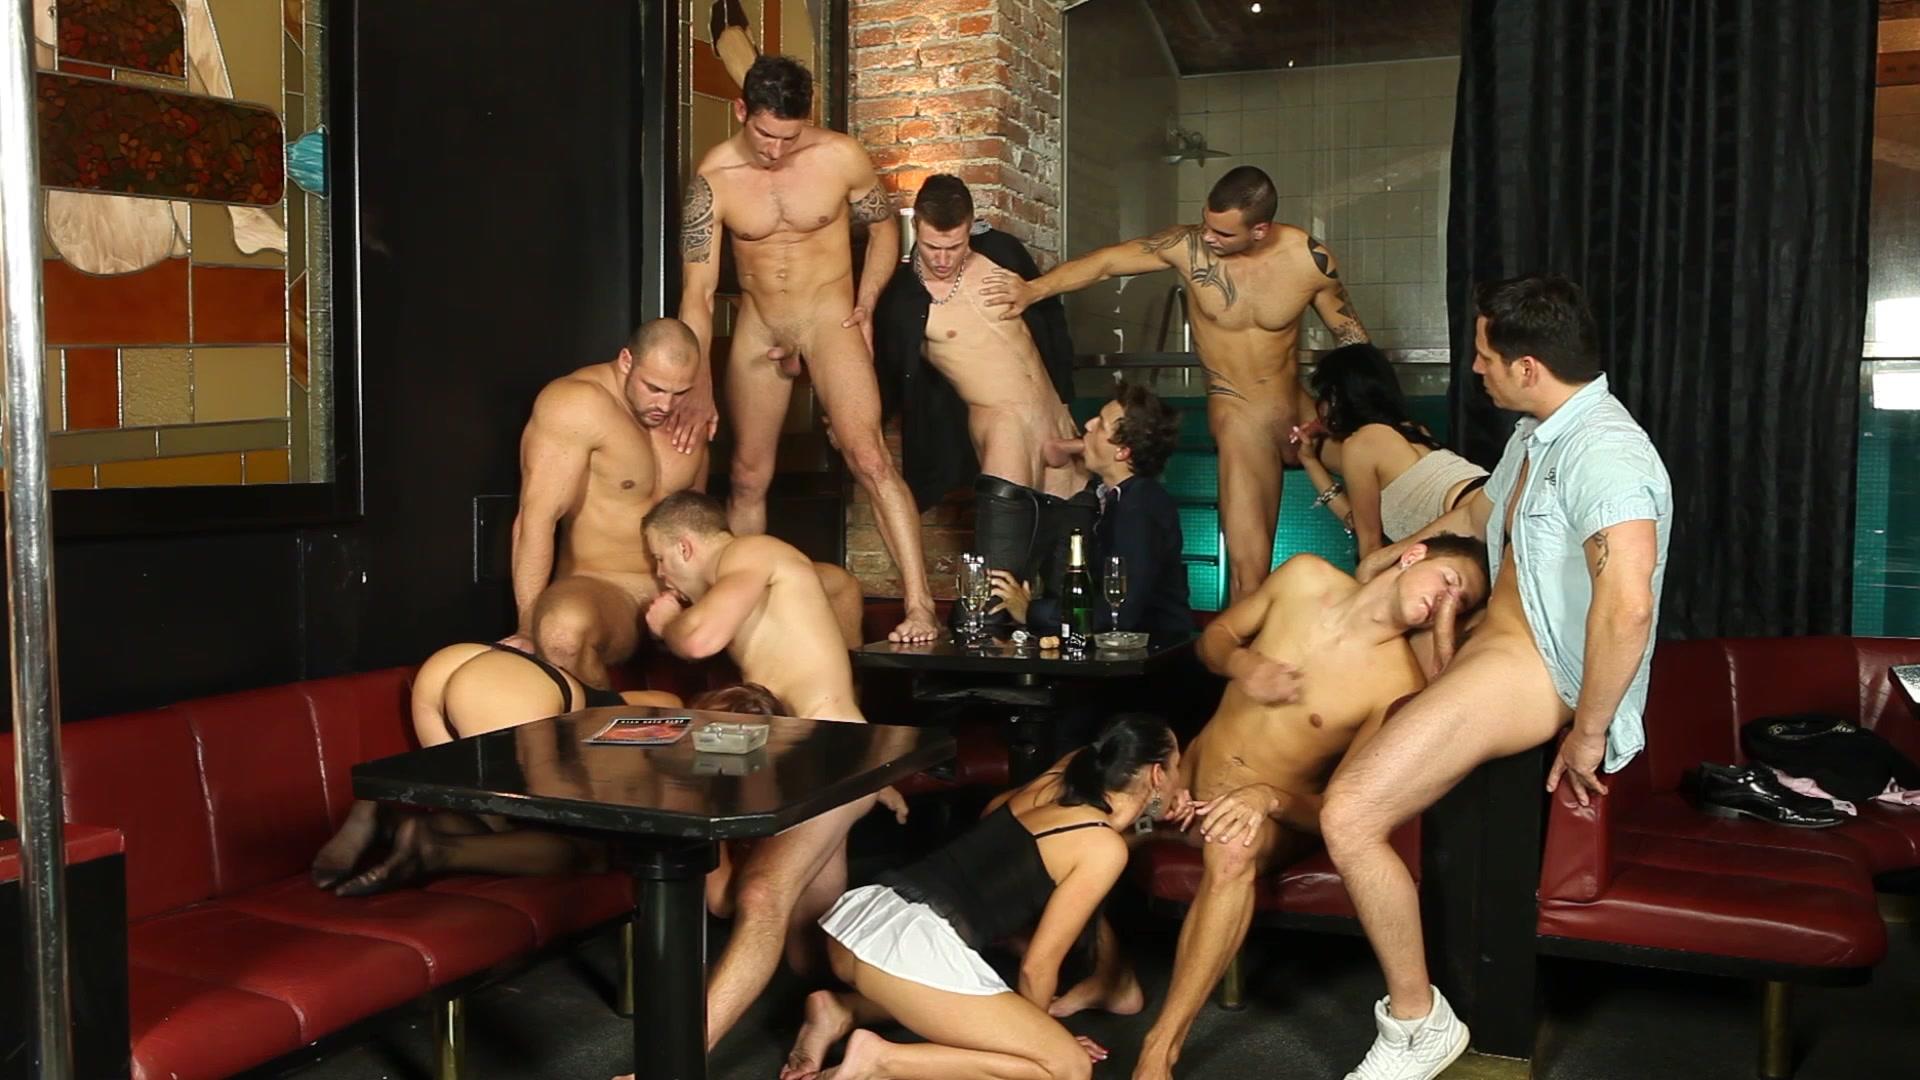 rencontre bi gay vacation rentals a Saint Martin